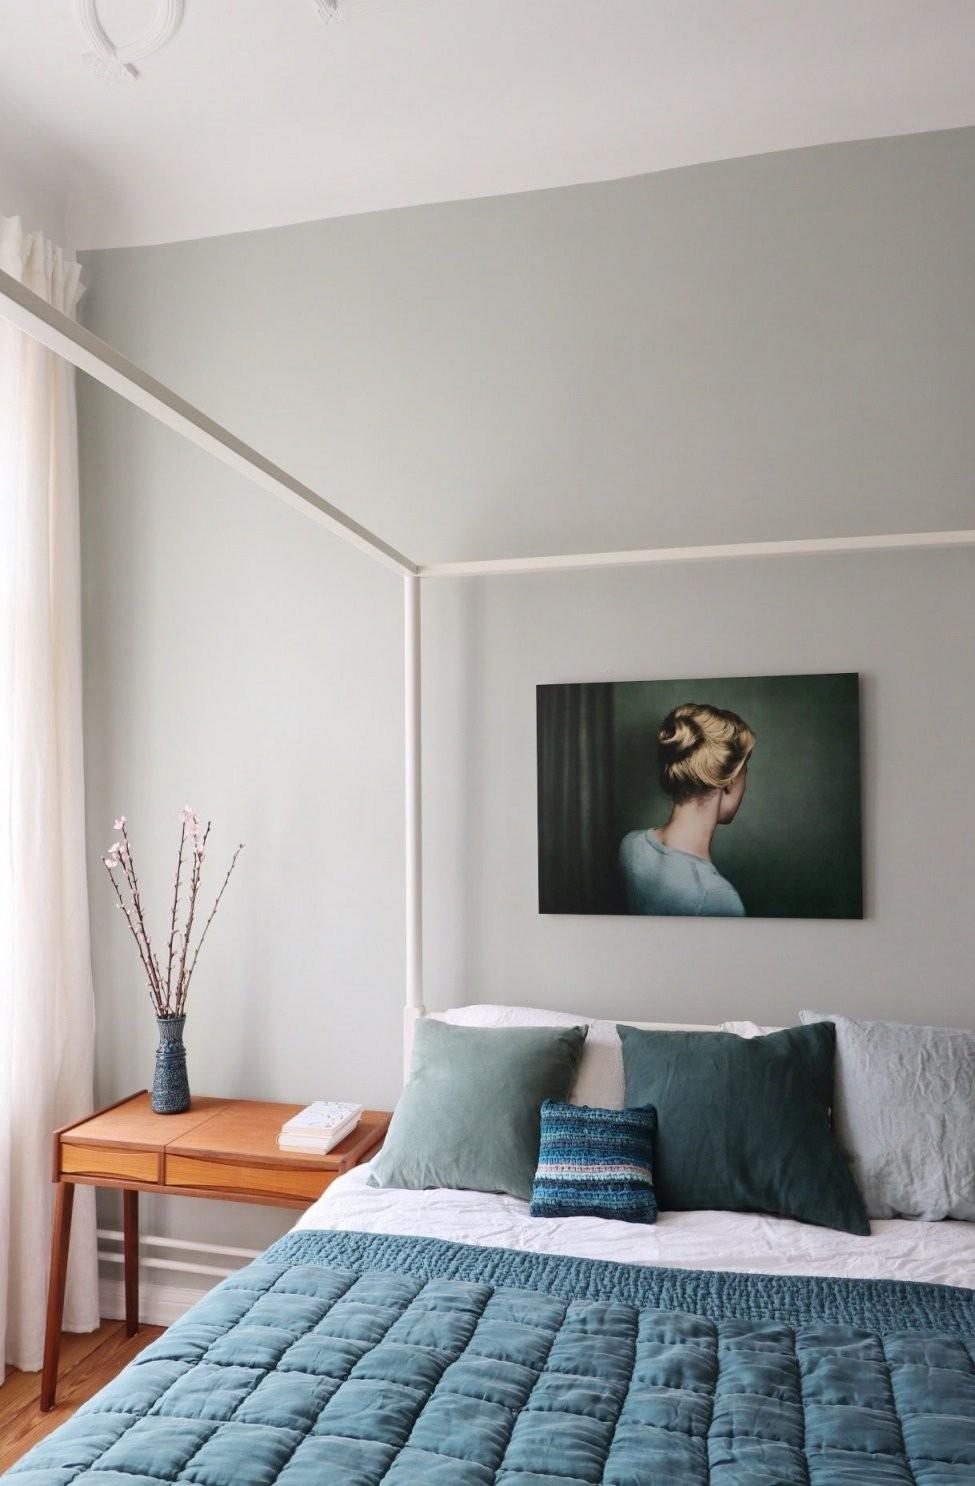 Schlafzimmer Ideen Zum Einrichten  Gestalten von Schlafzimmer Renovieren Ideen Bilder Photo